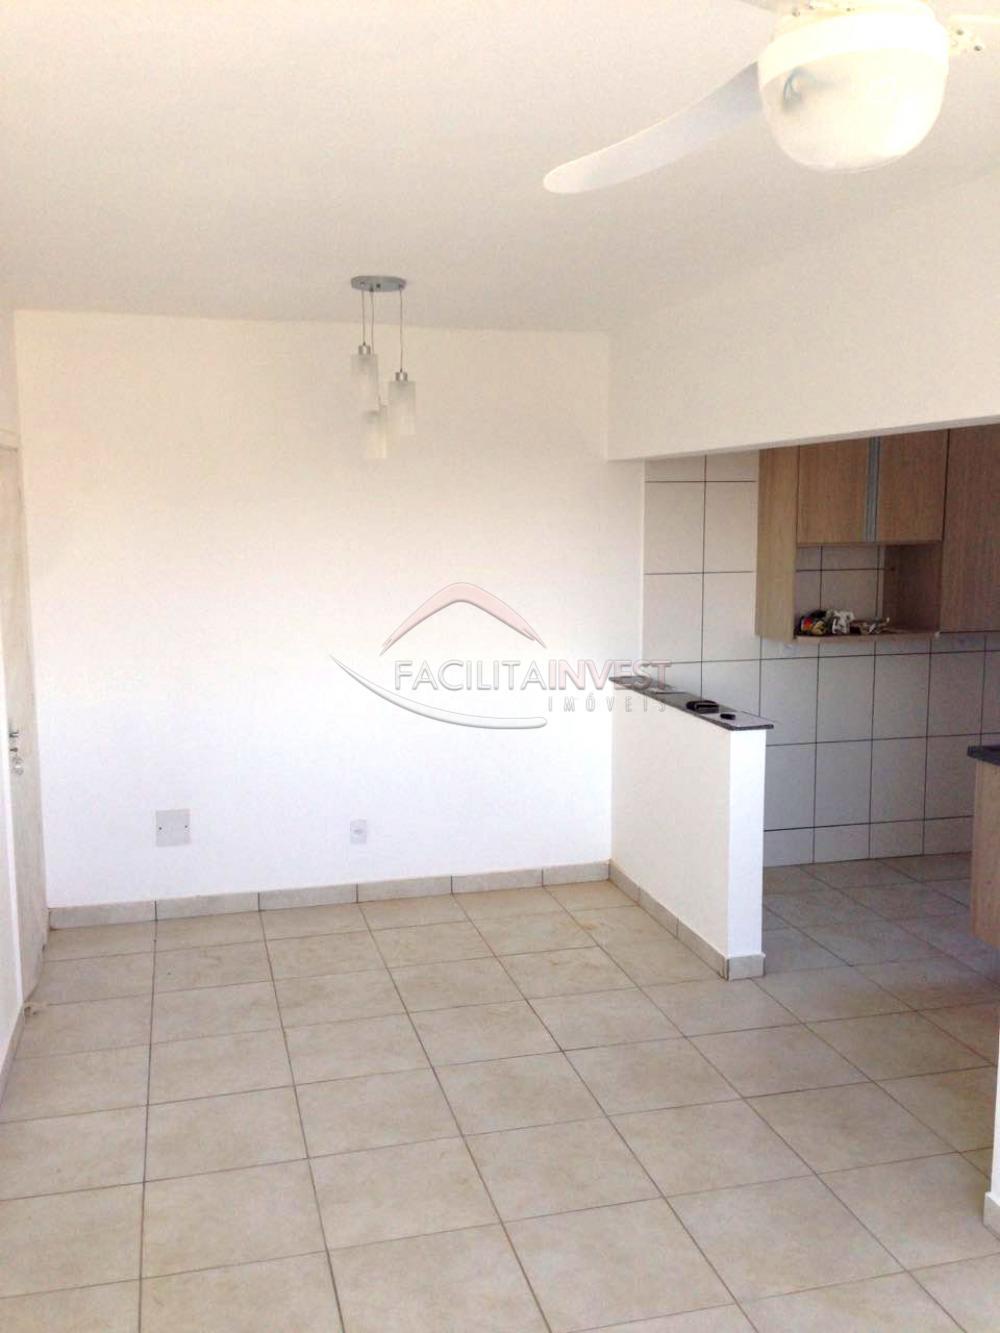 Comprar Apartamentos / Apart. Padrão em Ribeirão Preto apenas R$ 225.000,00 - Foto 2